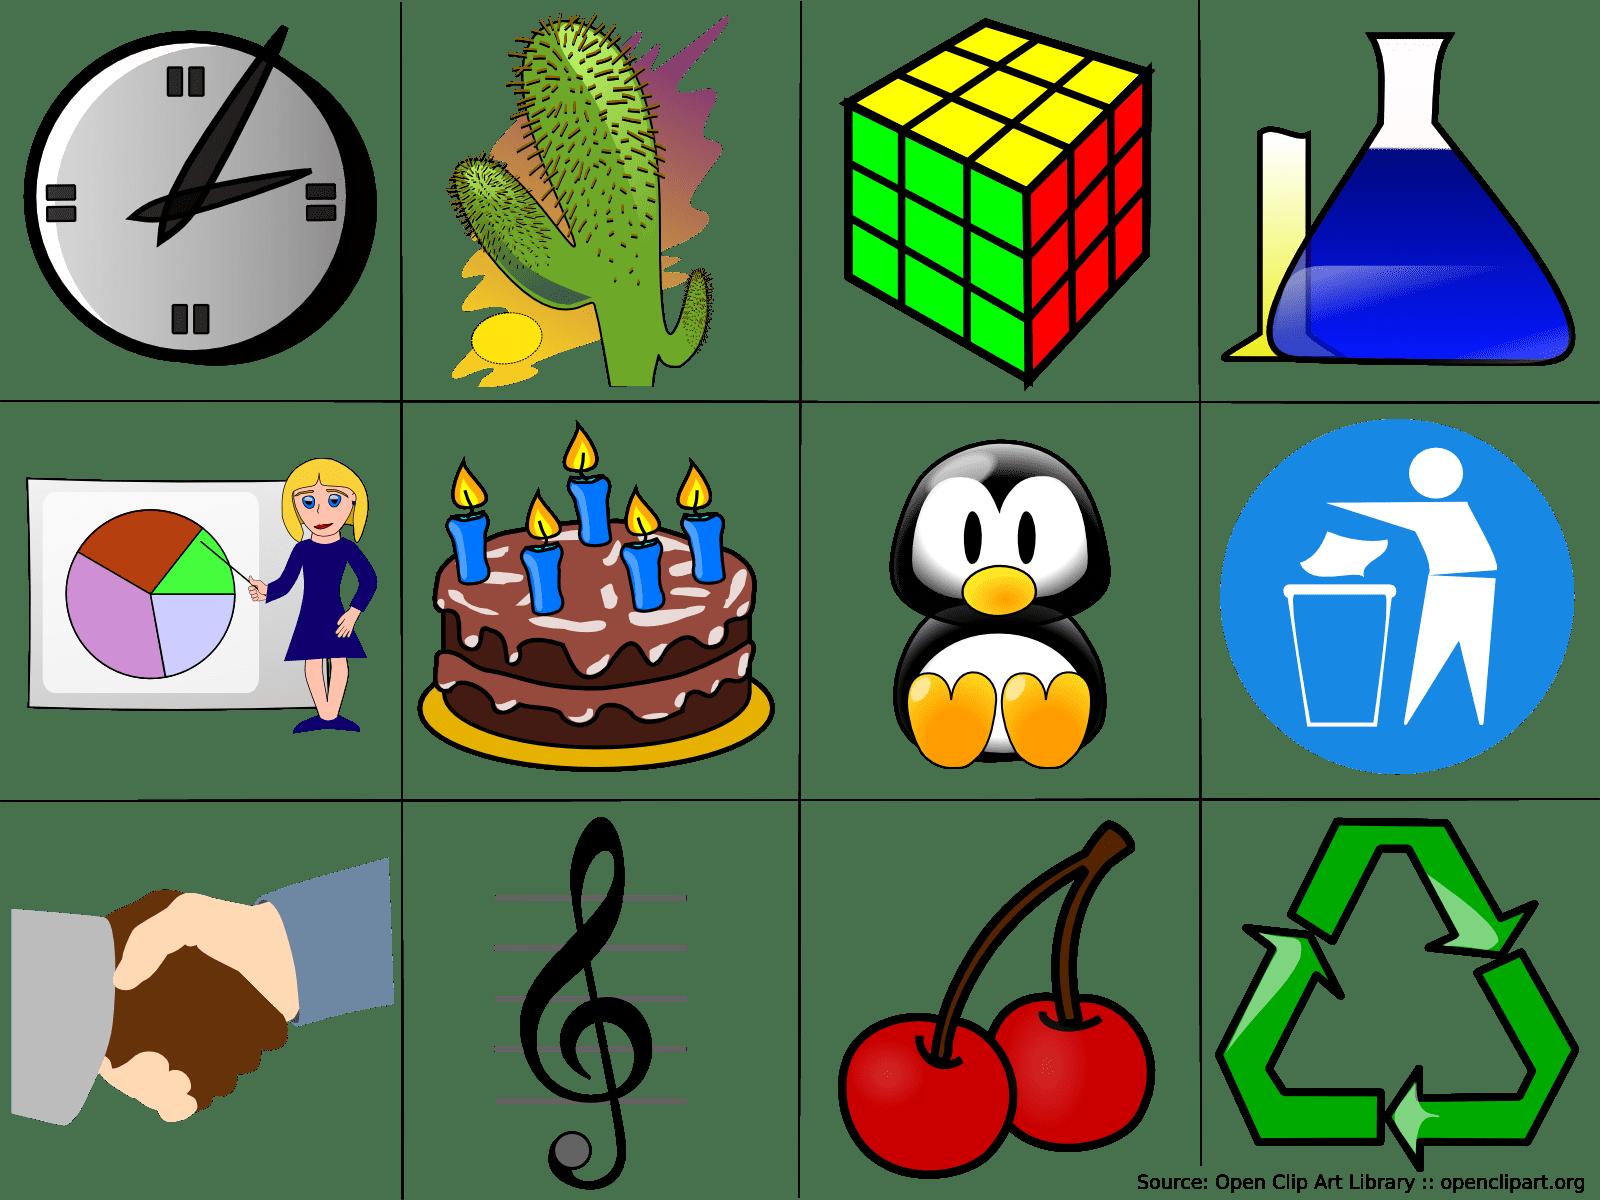 clip art wikipedia